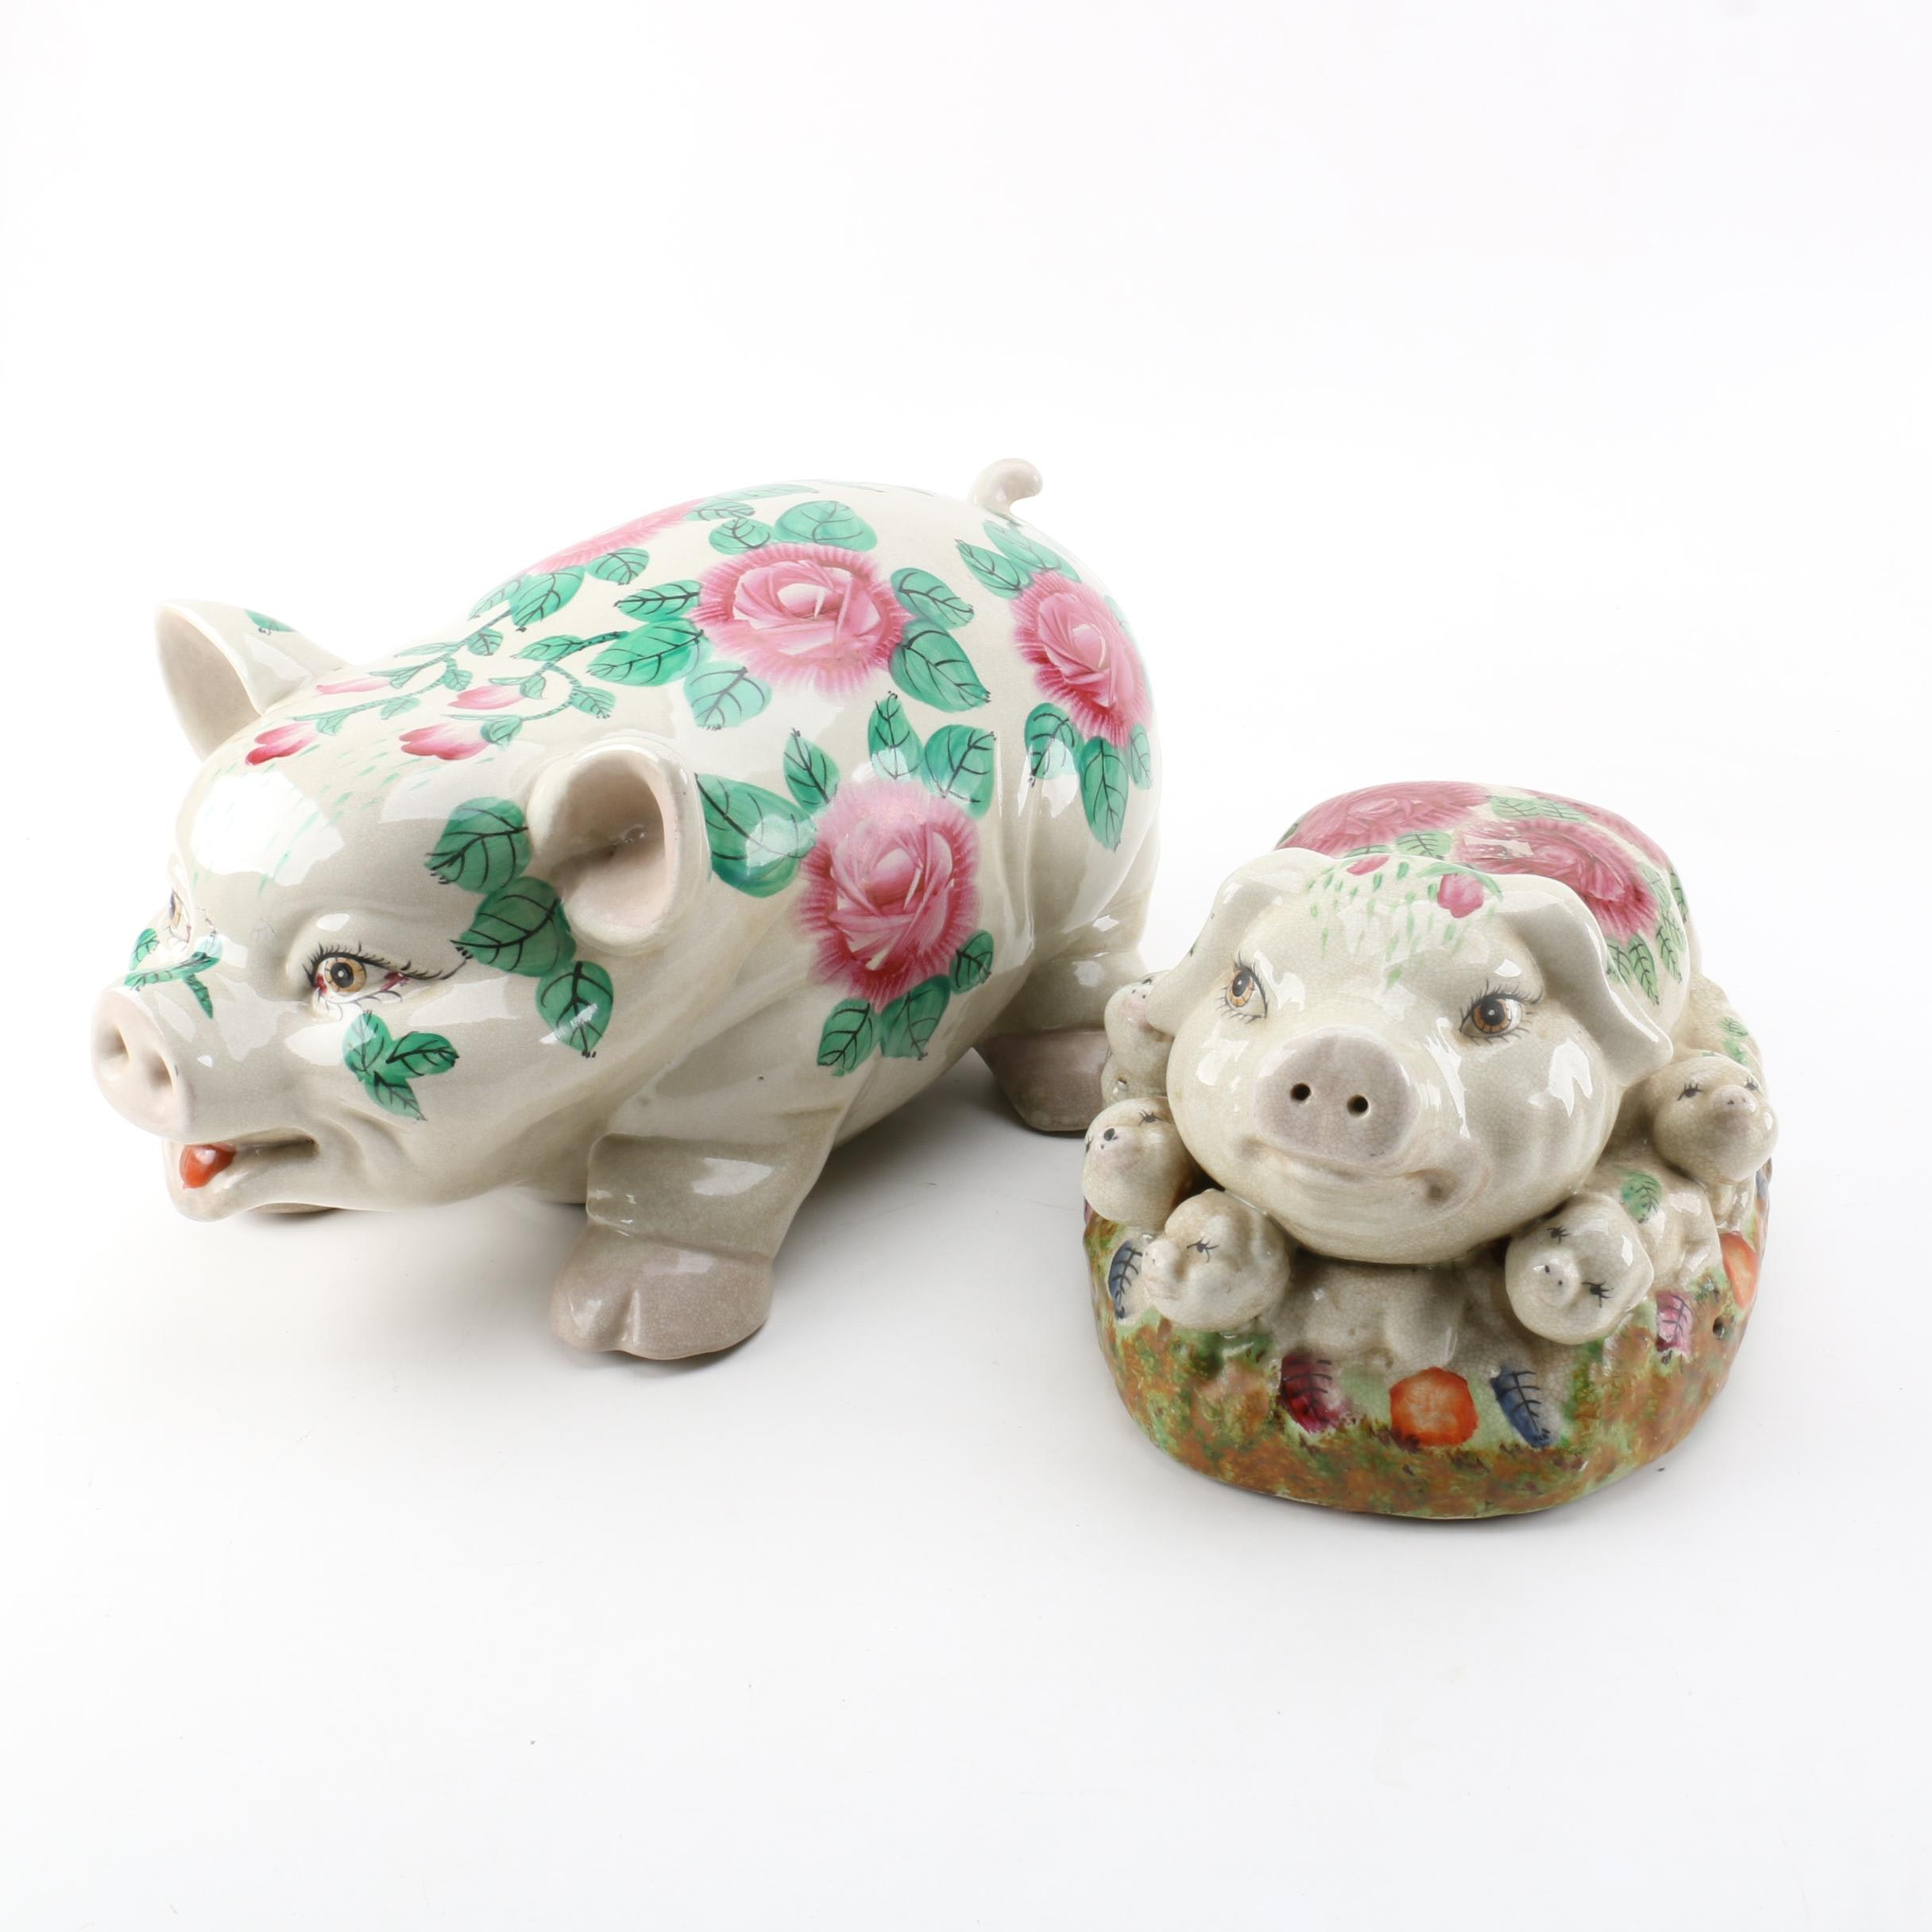 Ceramic Pig Figurines